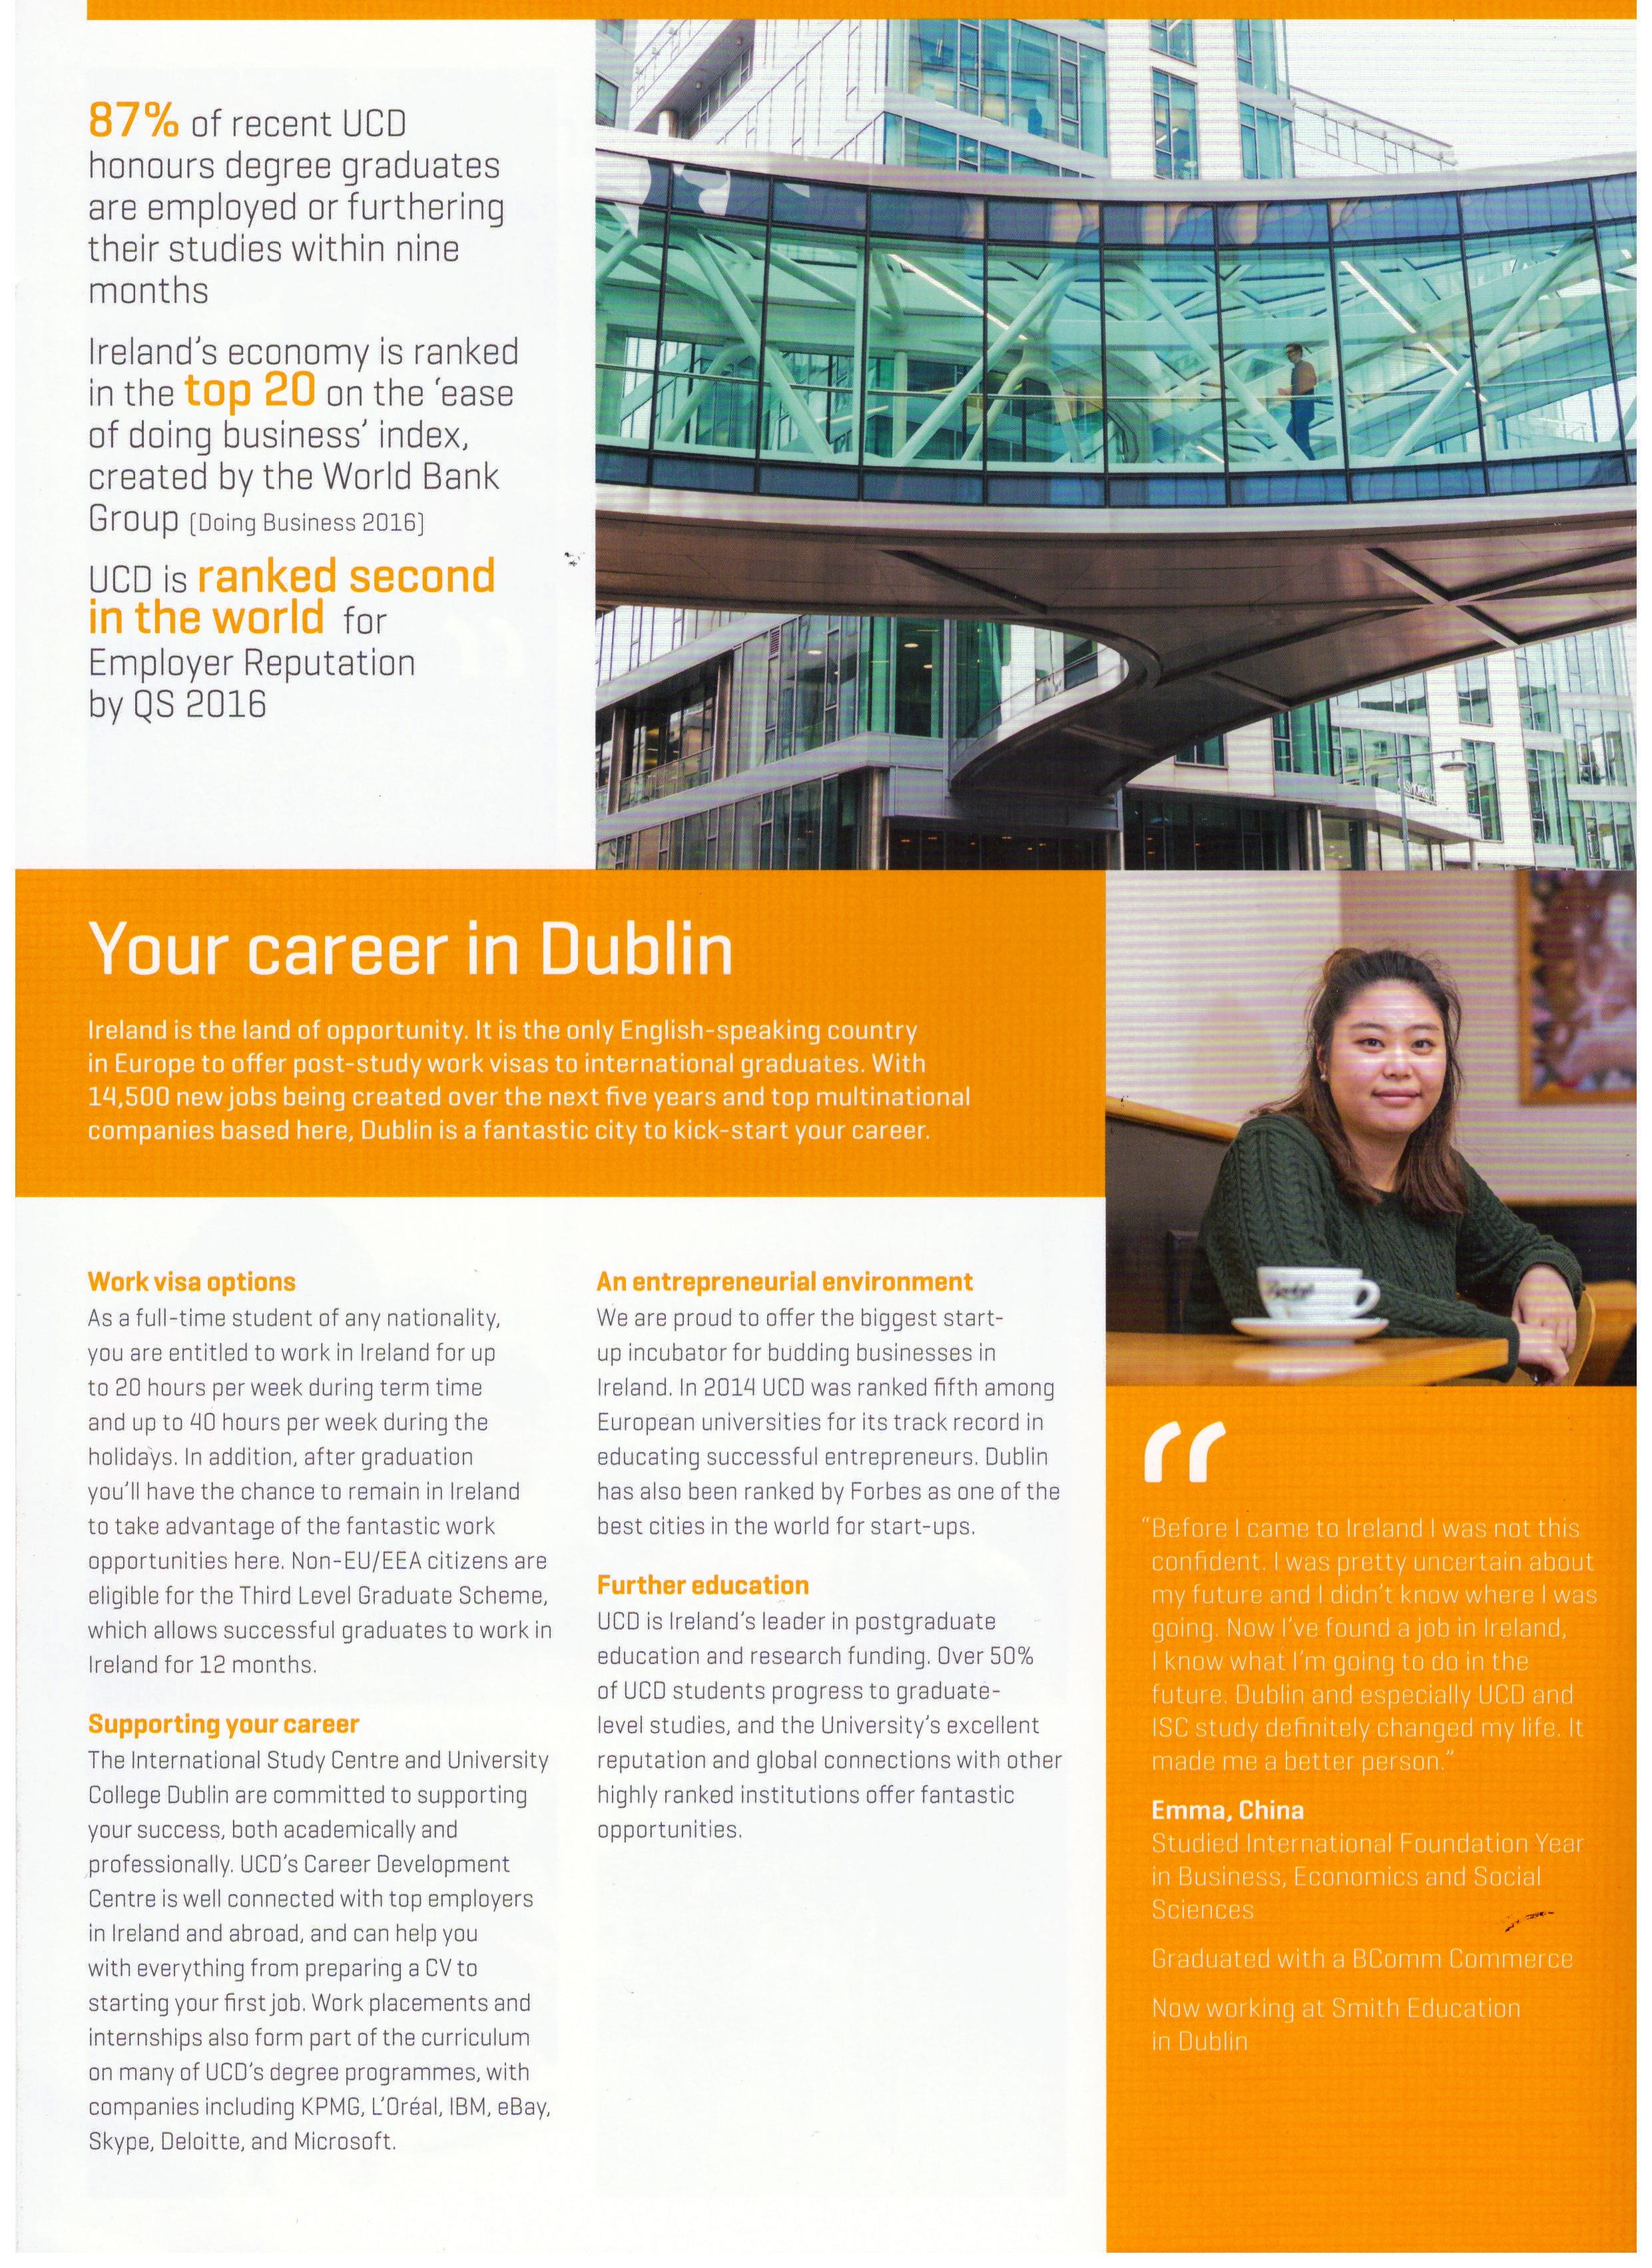 Career in Dublin, Ireland